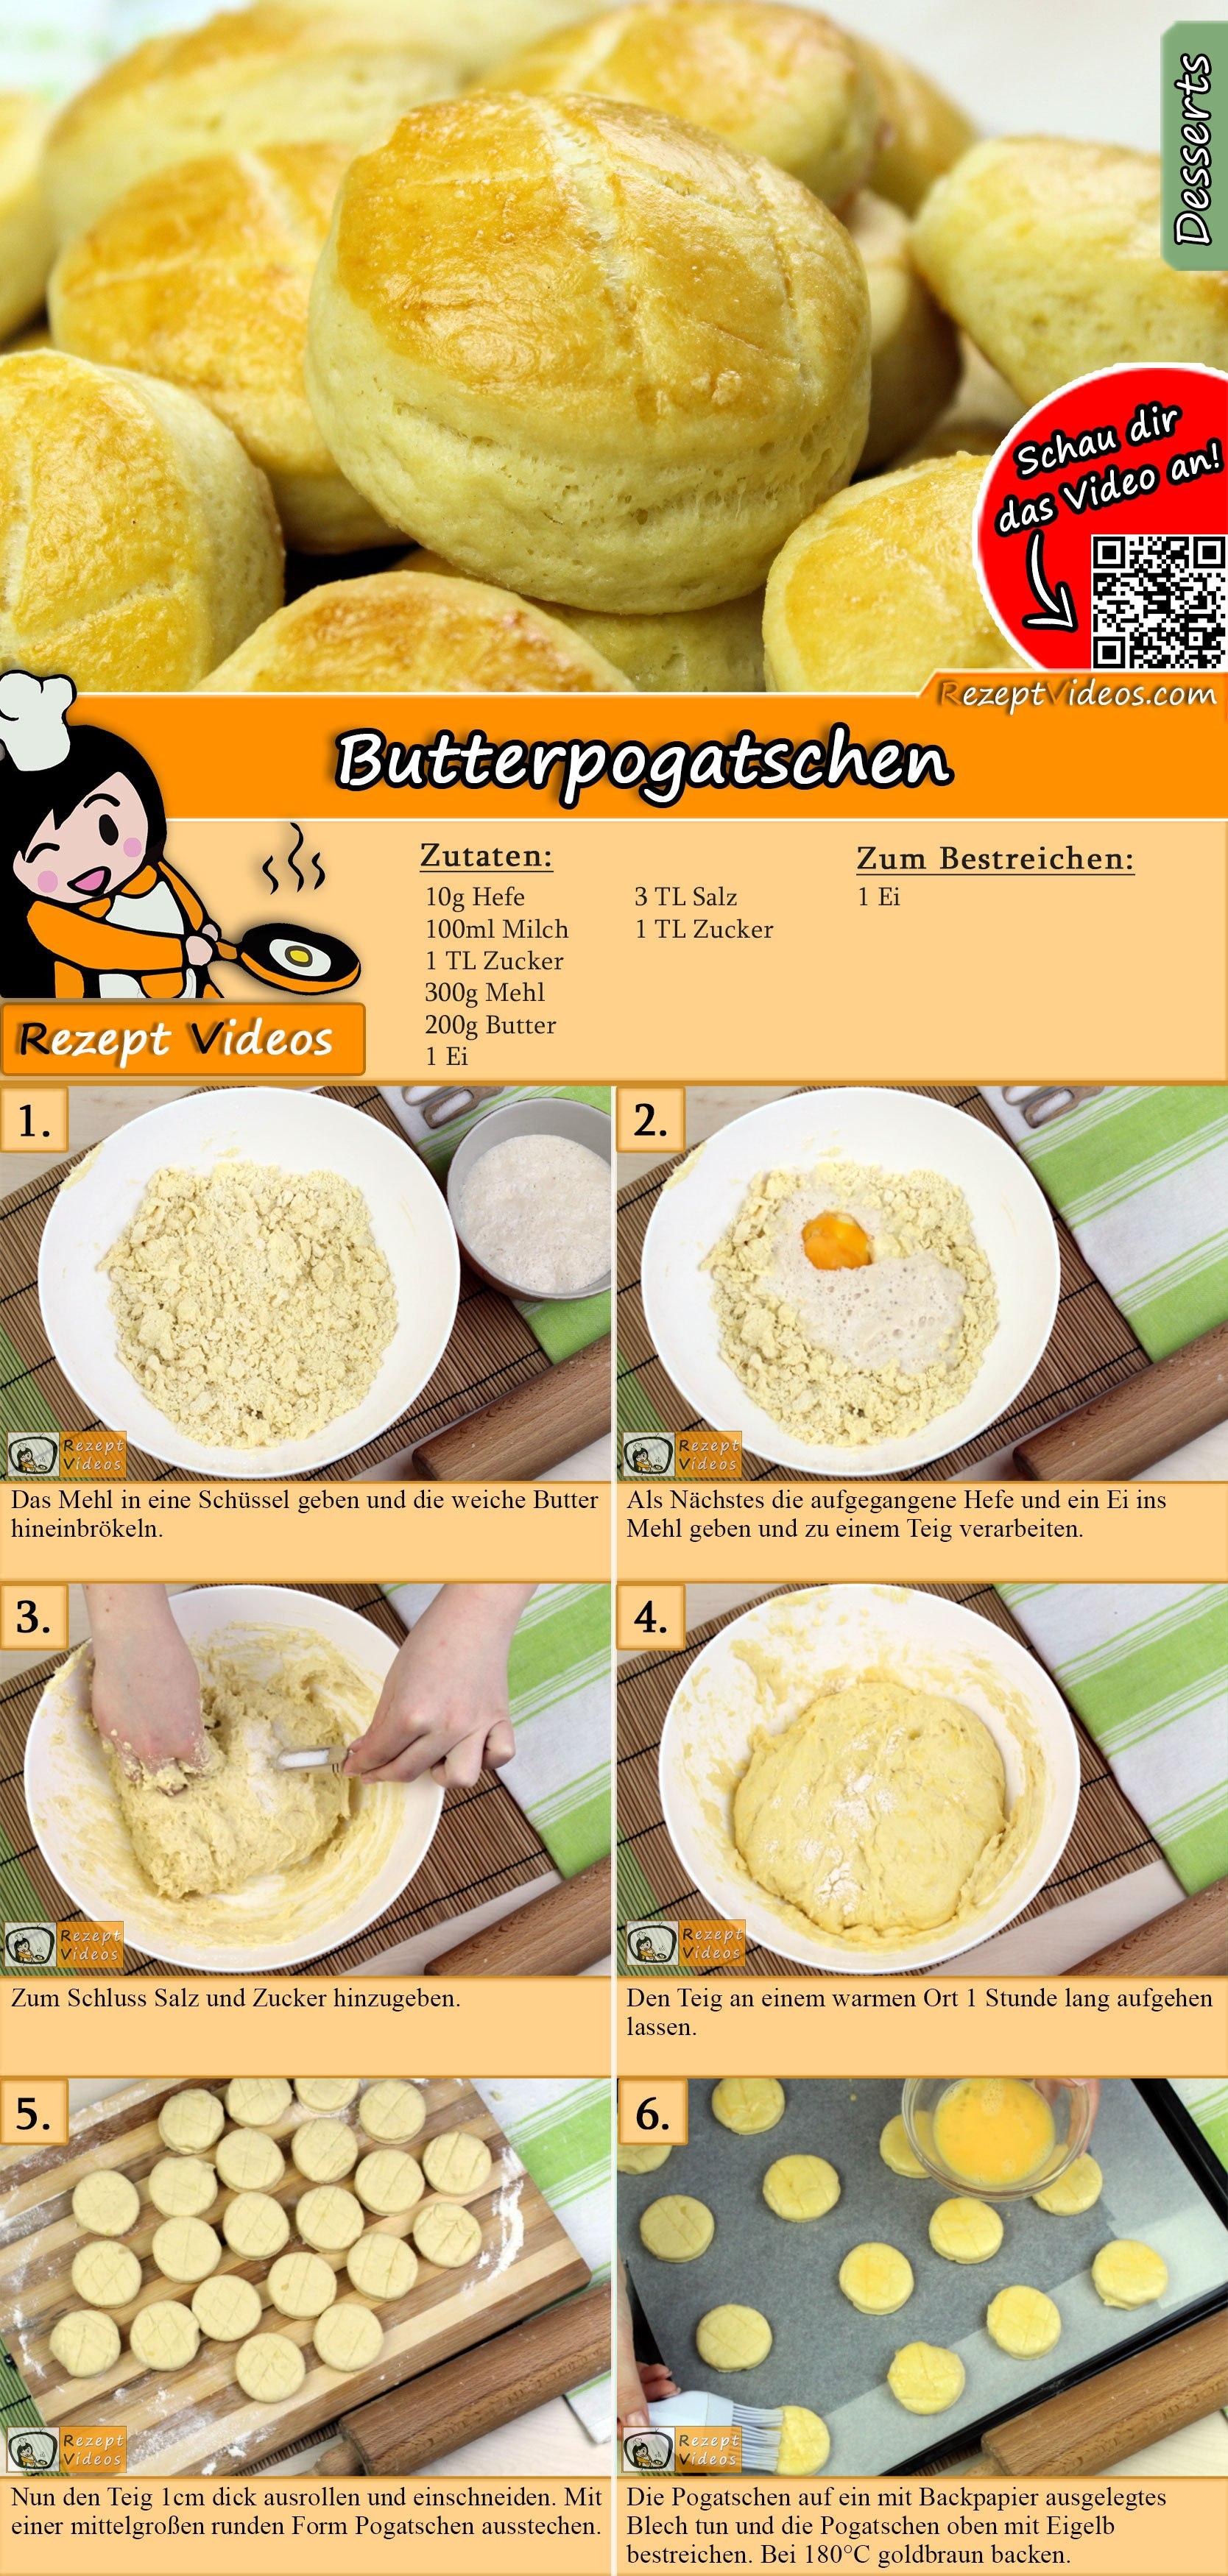 Butterpogatschen Rezept mit Video